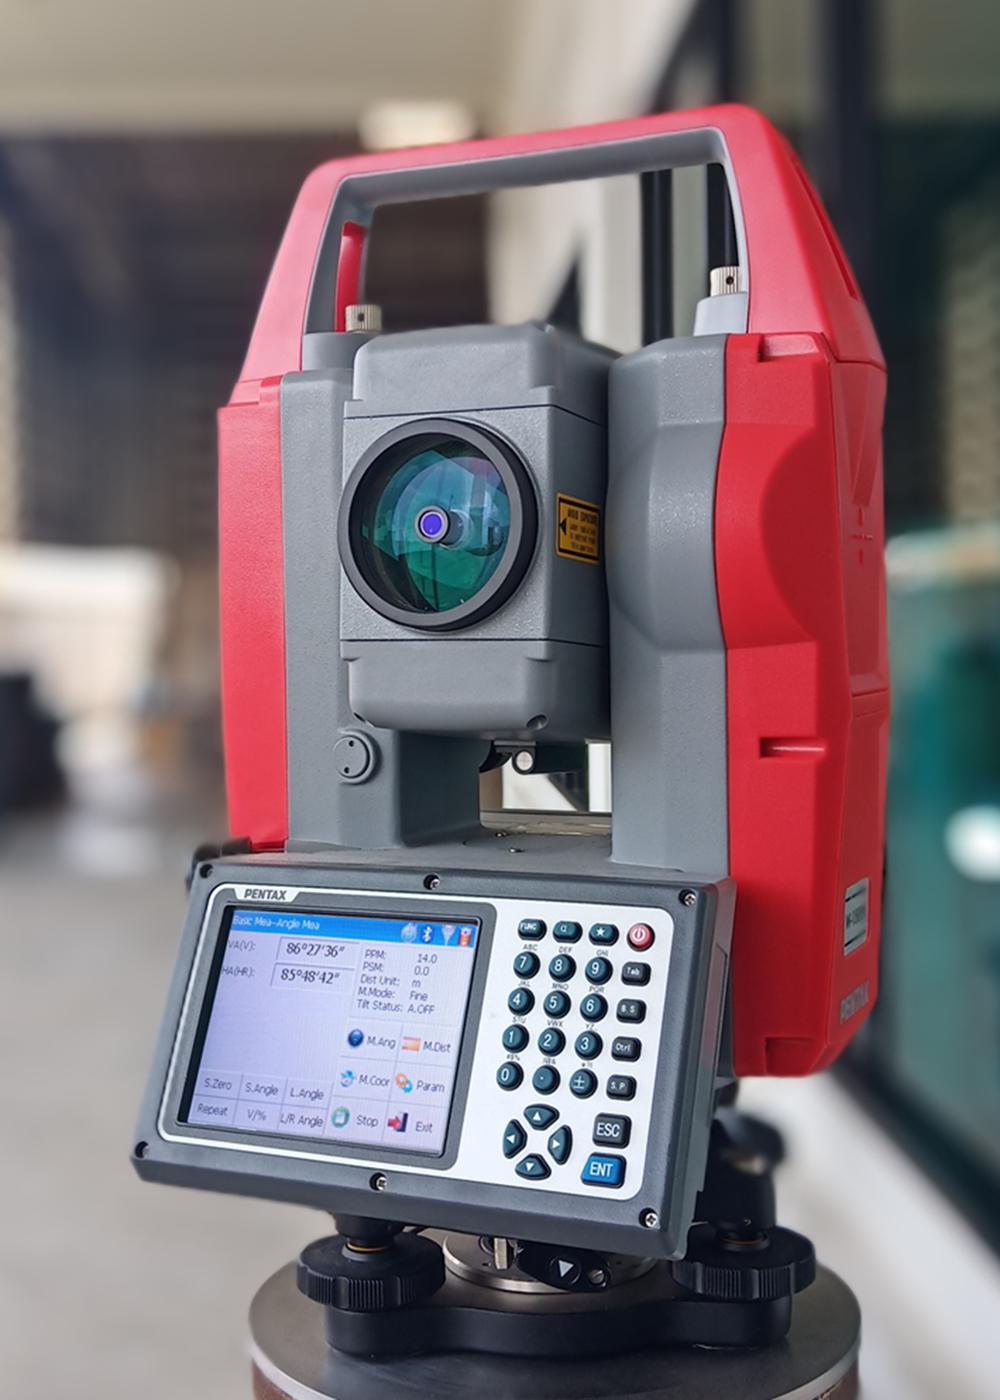 กล้อง TOTAL STATION  ยี่ห้อ PENTAX รุ่น W-1505N กล้อง Total Station,จำหน่ายกล้องTotal Station มือ1,กล้องTotal Station วัดระยะทางได้,กล้อง Total Station วัดระยะแบบอ่านค่าพิกัดได้,จำหน่ายกล้องTotal Station แบรนด์ดัง โทร. 086-0862000